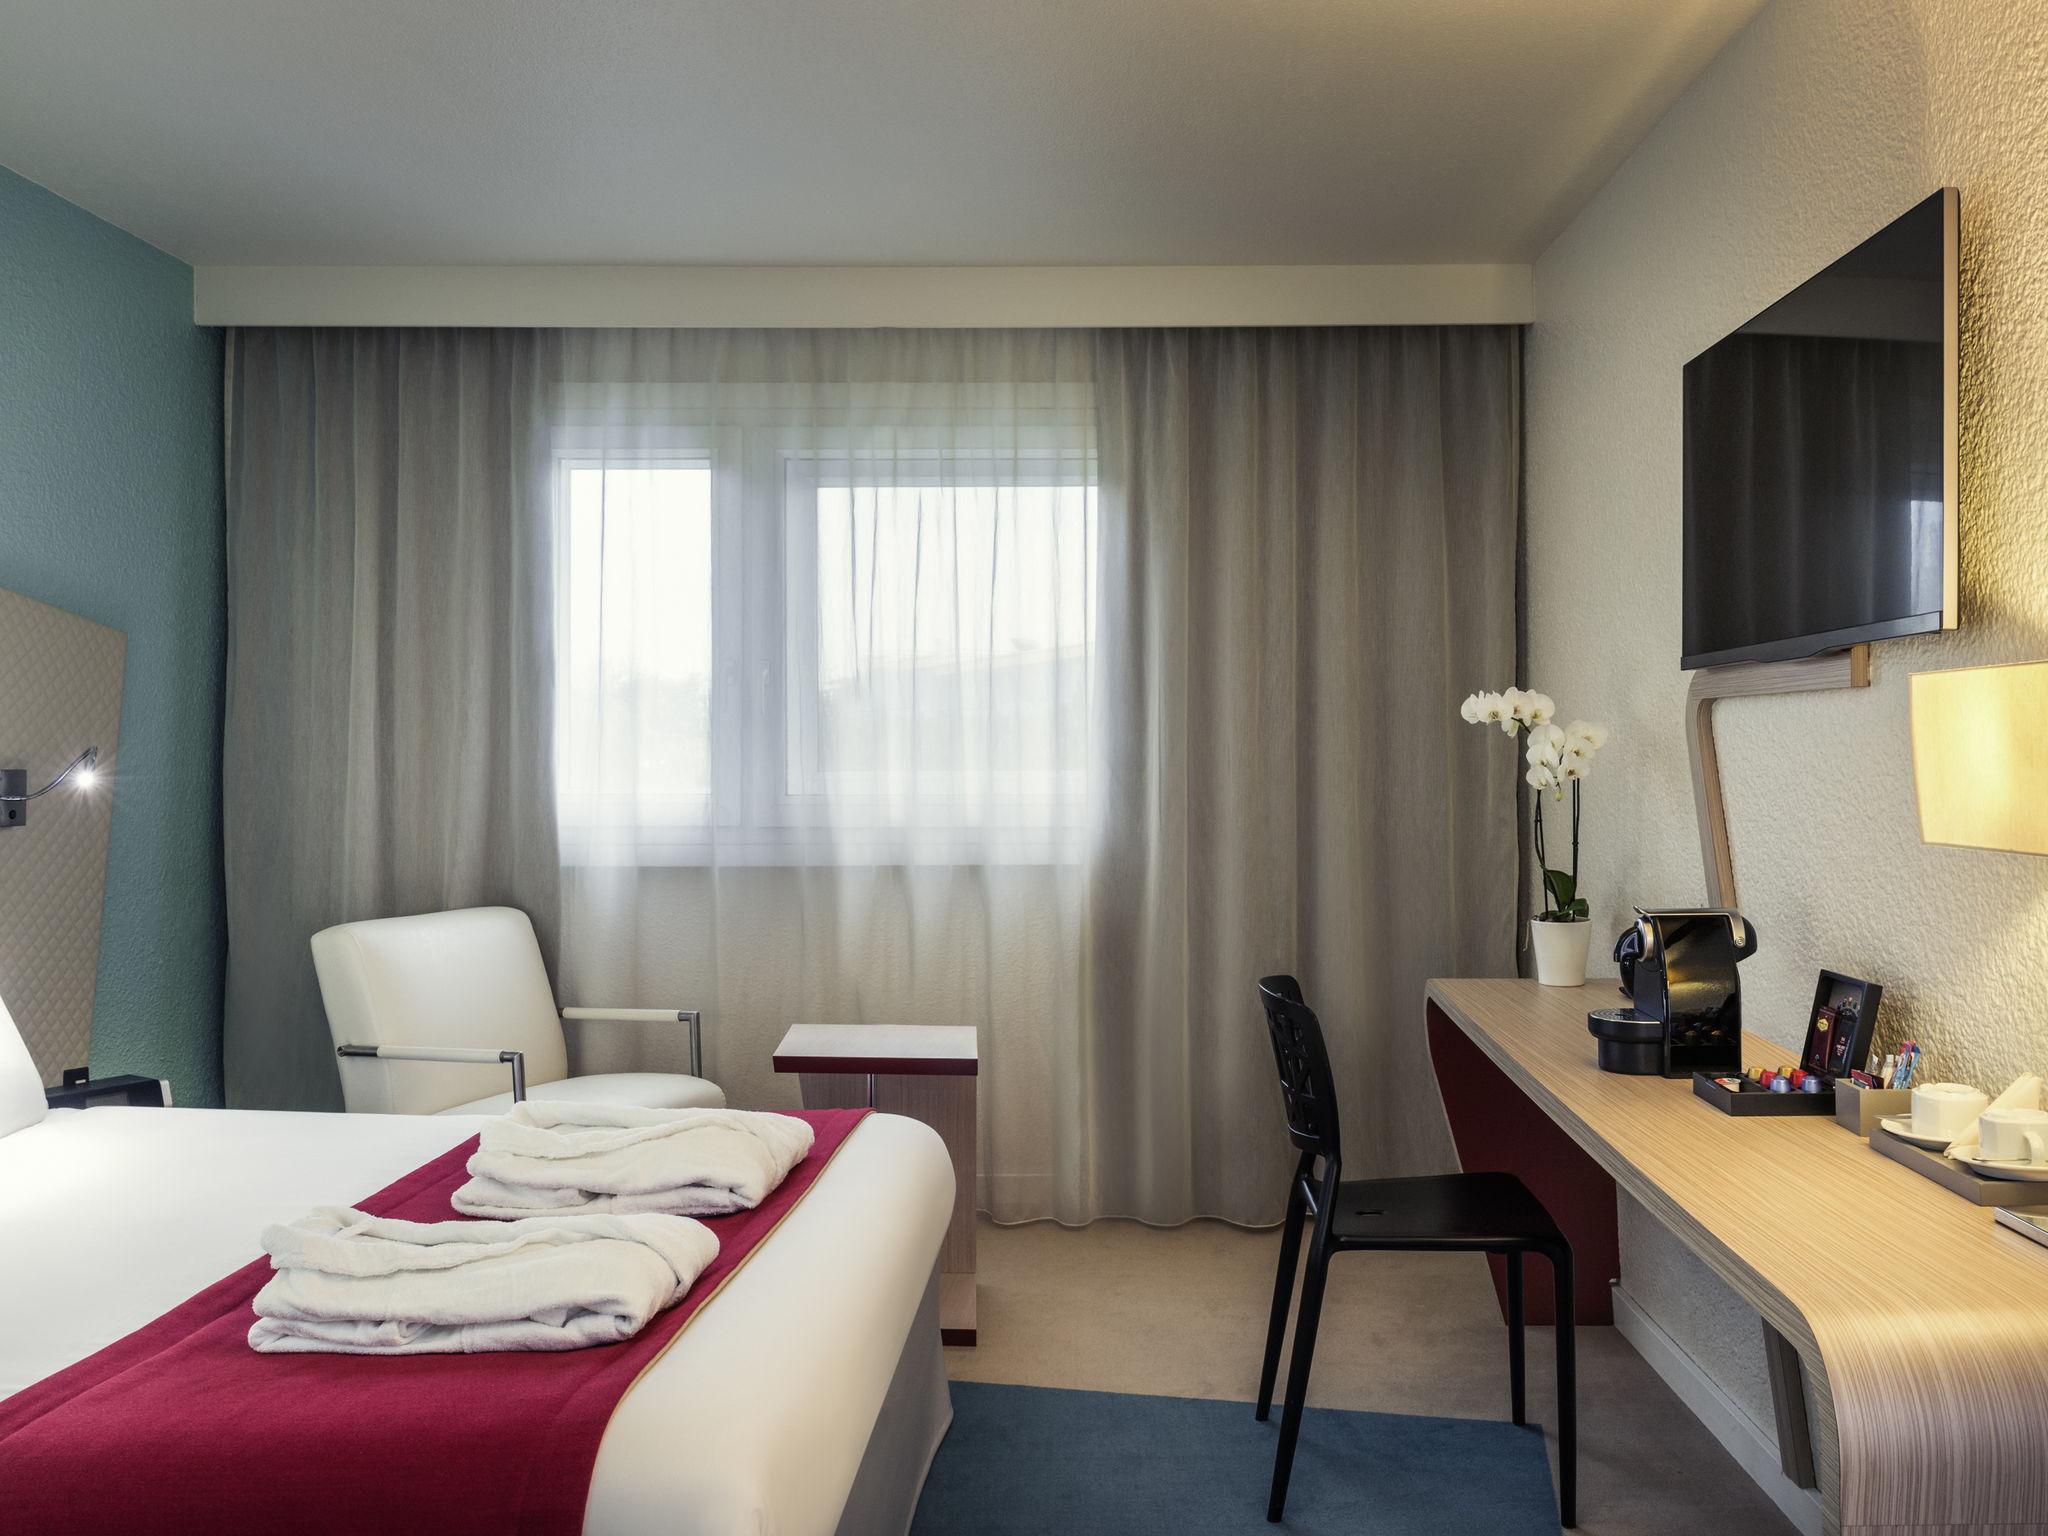 酒店 – 巴黎勒布尔歇美居酒店